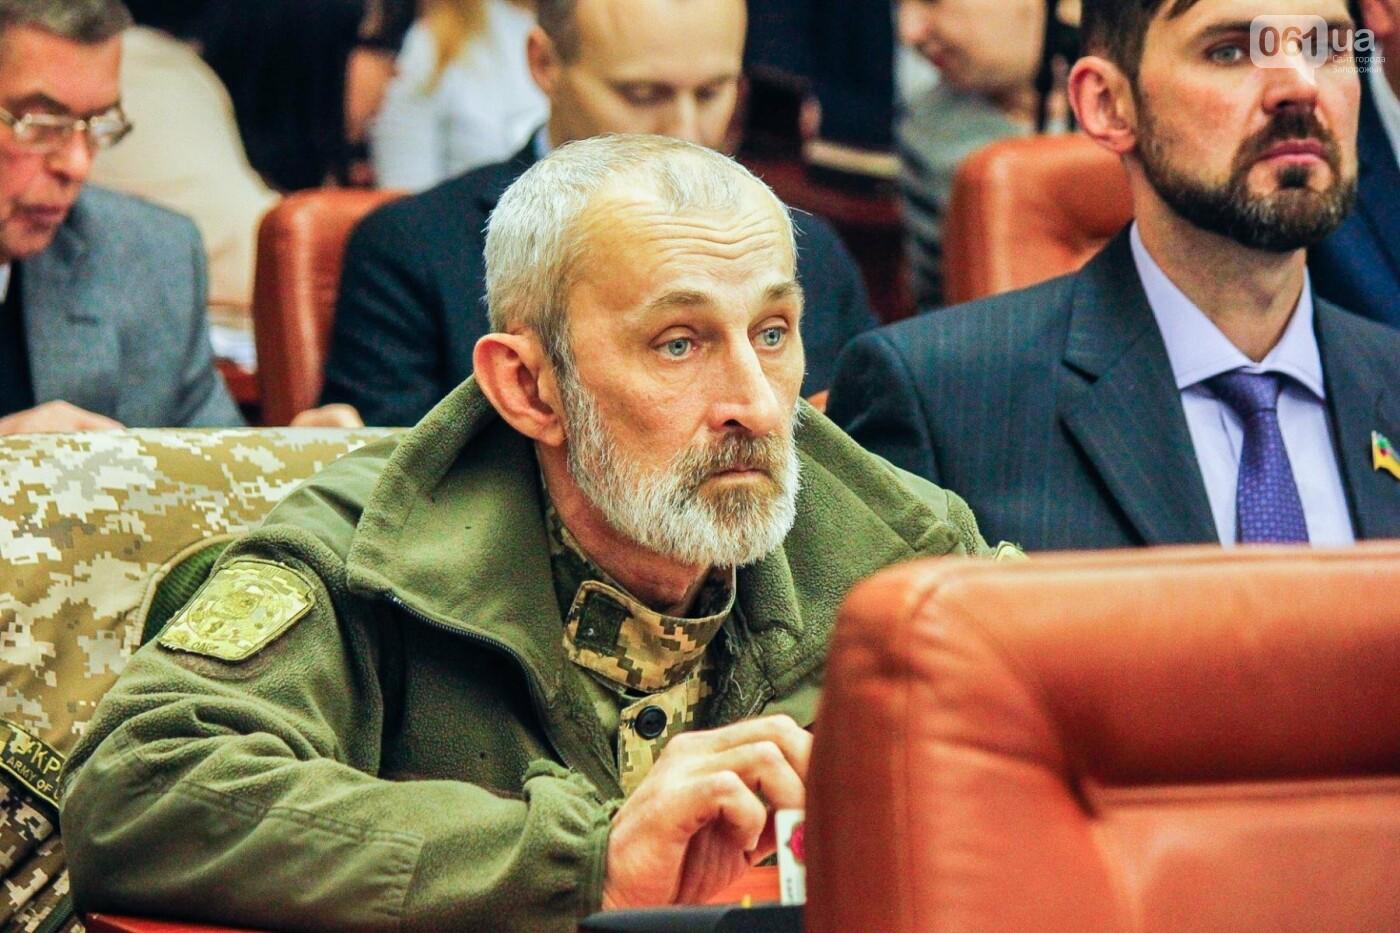 Сессия запорожского горсовета в лицах, - ФОТОРЕПОРТАЖ, фото-63